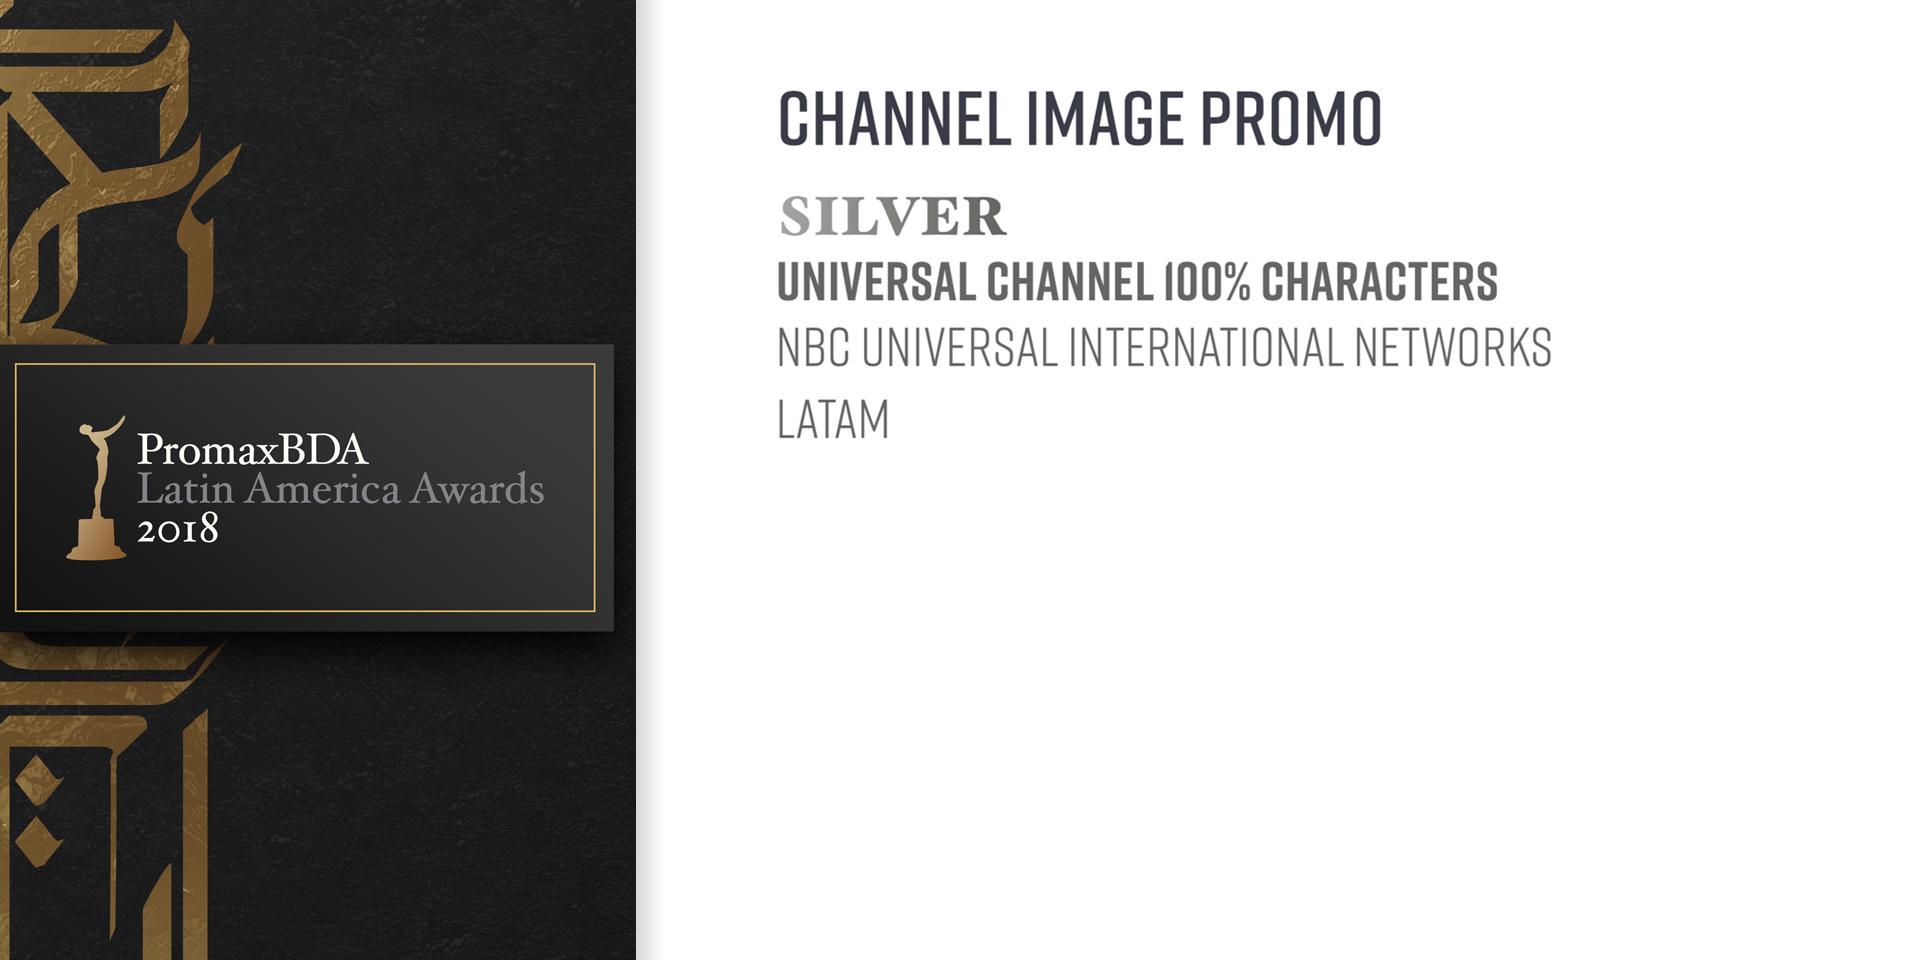 Promax_Latam_Universal_Journal_Slideshow_Cover_2x1_p3.jpg